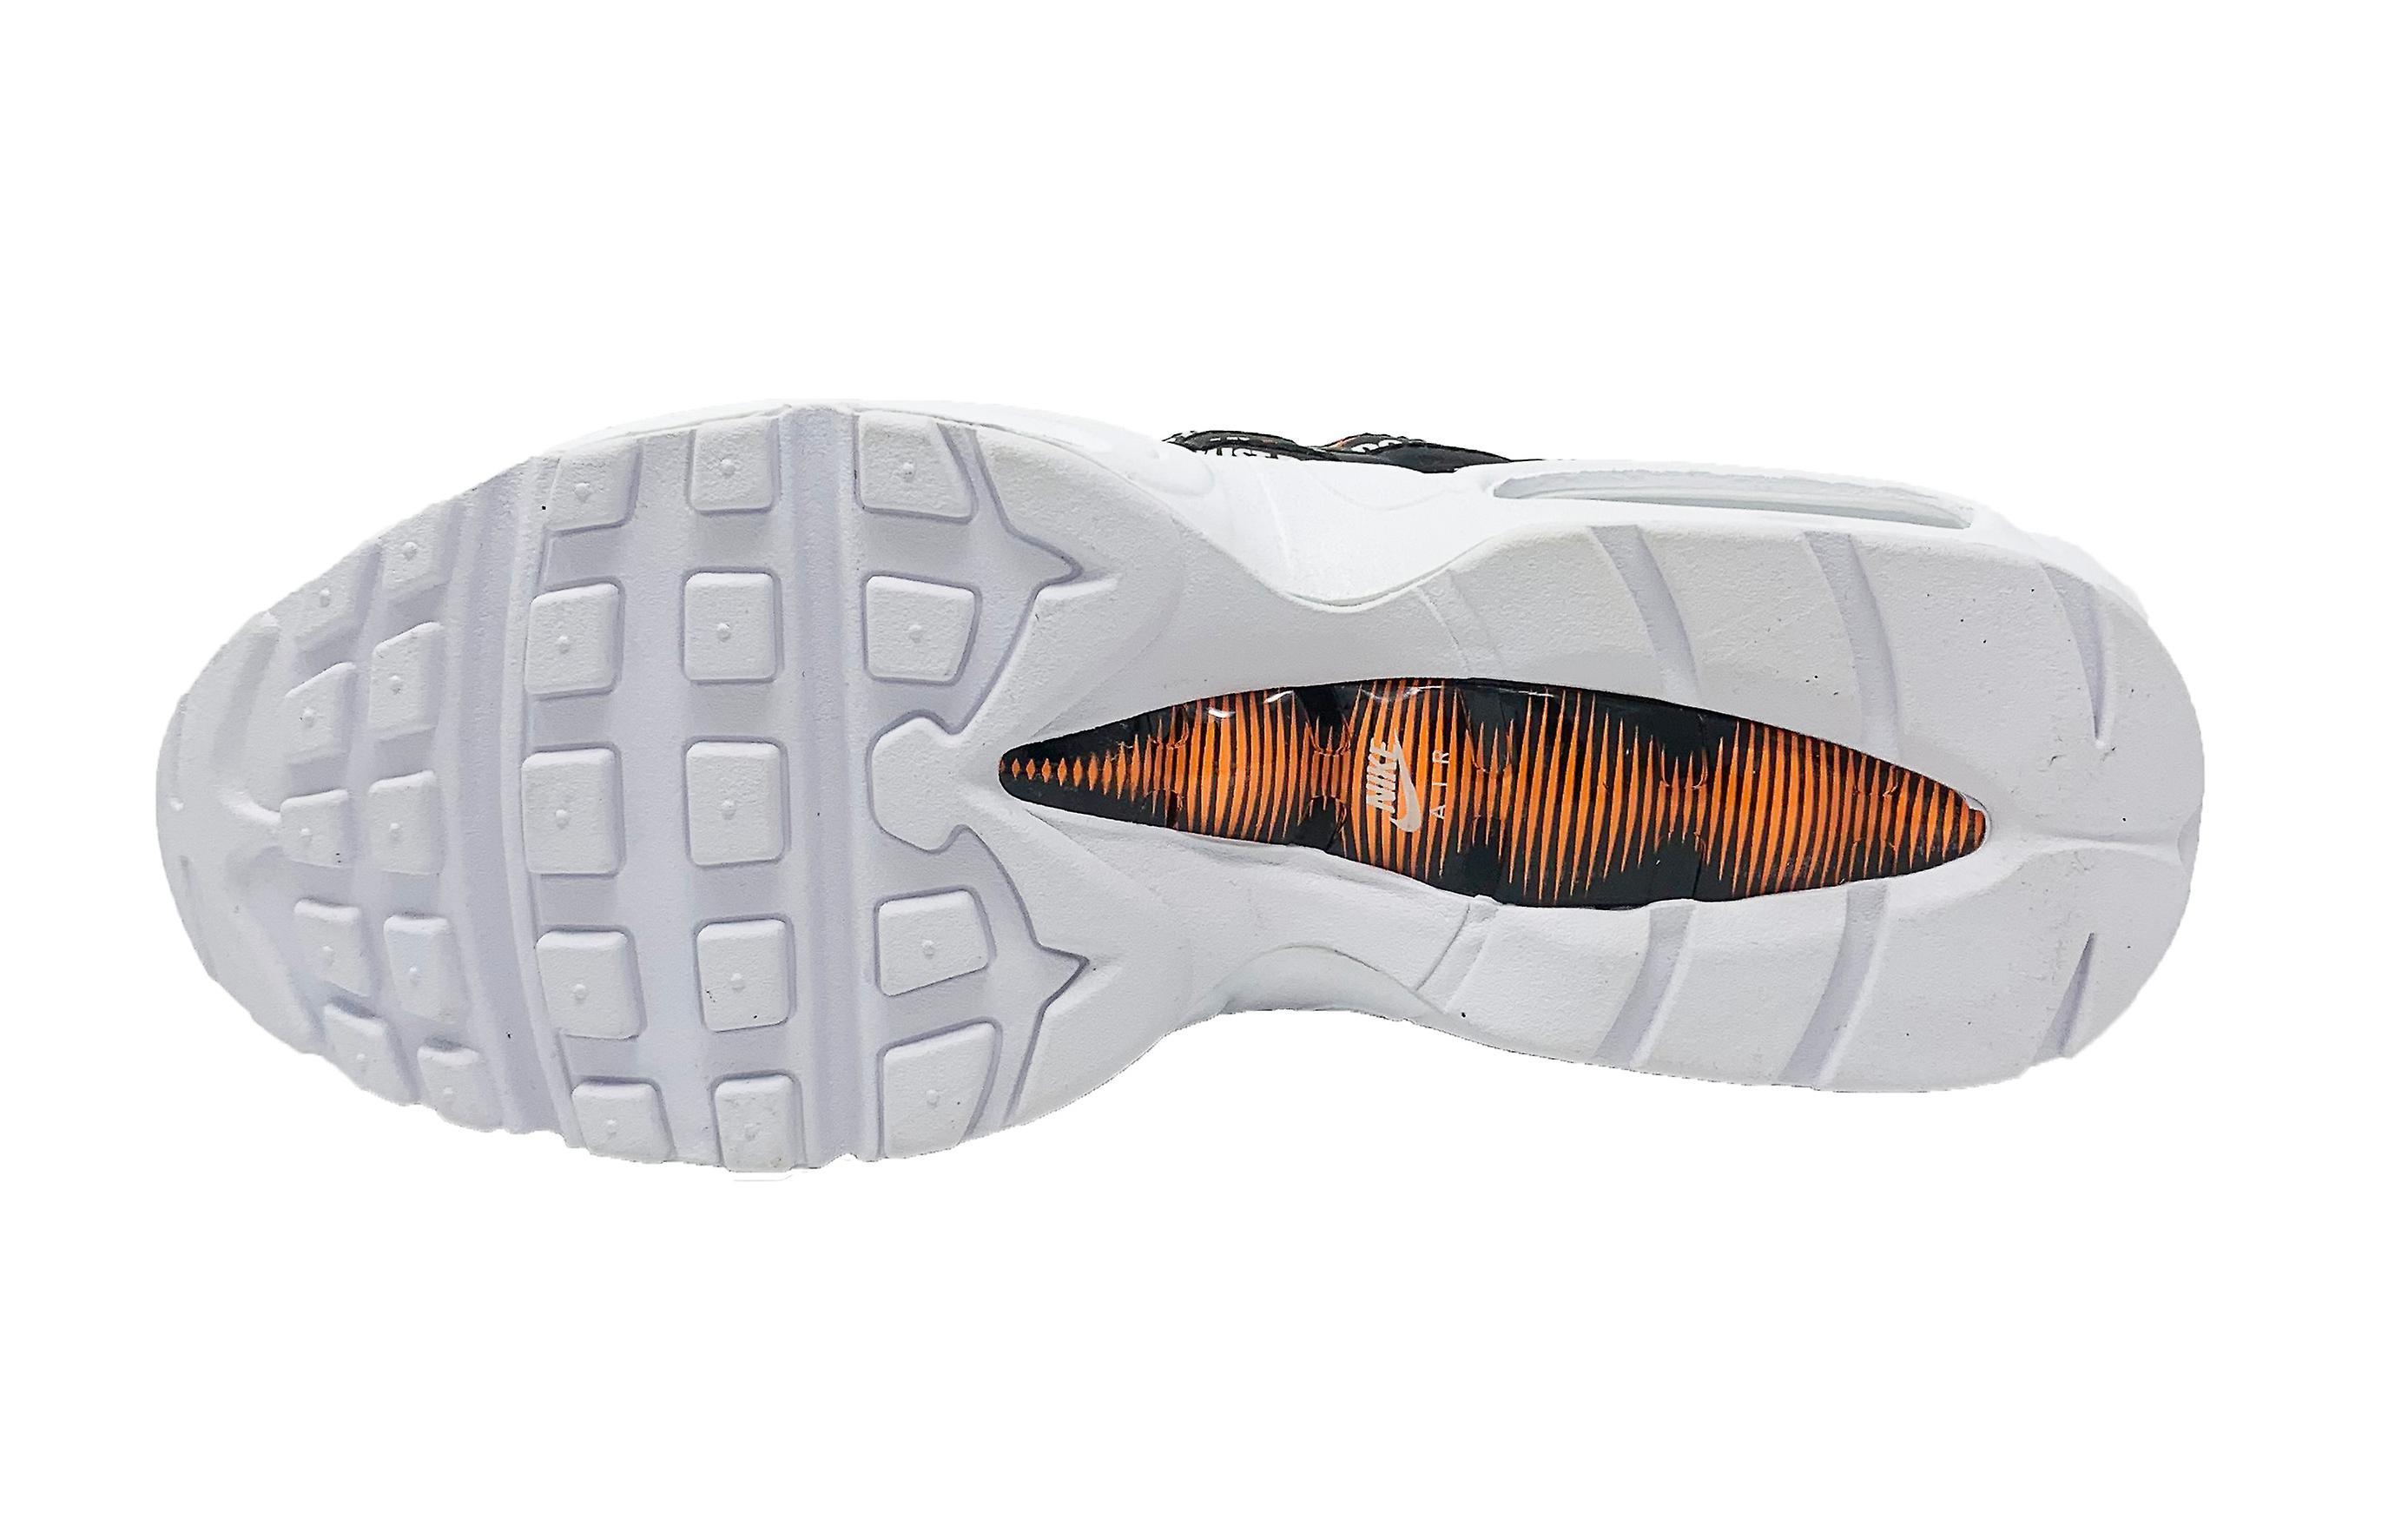 Nike Air Max 95 SE AV6246 001 Mens utbildare